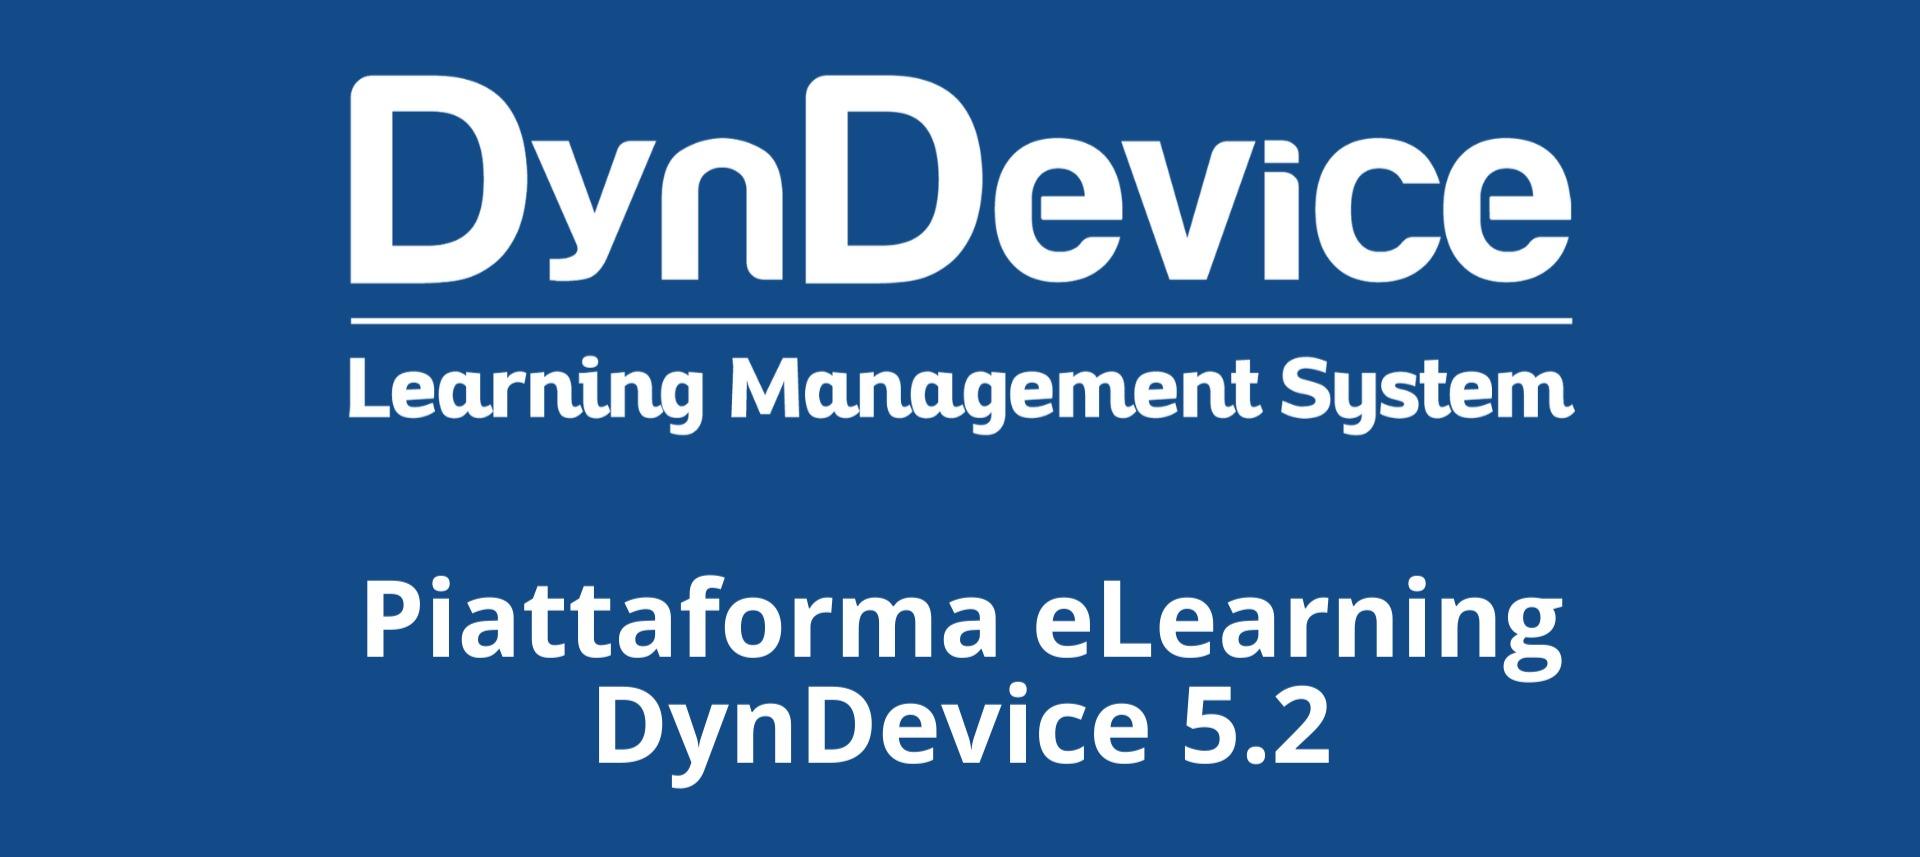 News Socio Confindustria Brescia - DynDevice 5.2: novità per la gestione corsi, il modulo HR e l'accessibilità